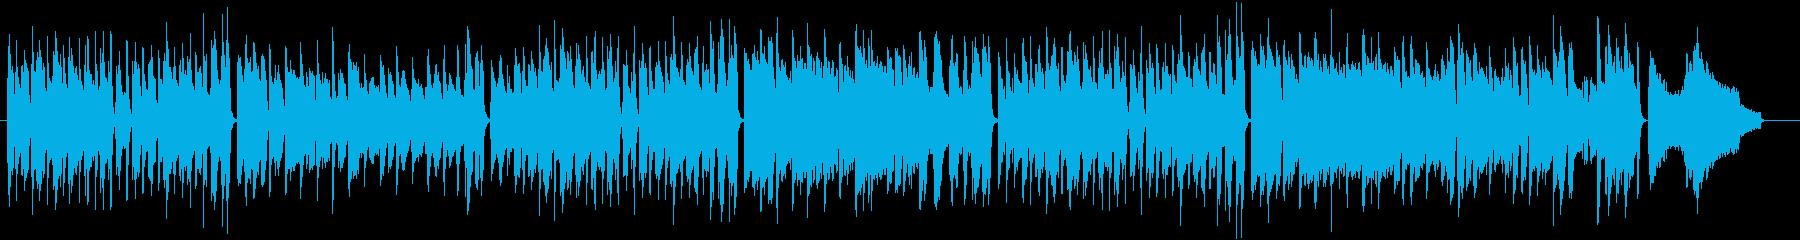 ほのぼのゆったりまったりアコースティックの再生済みの波形